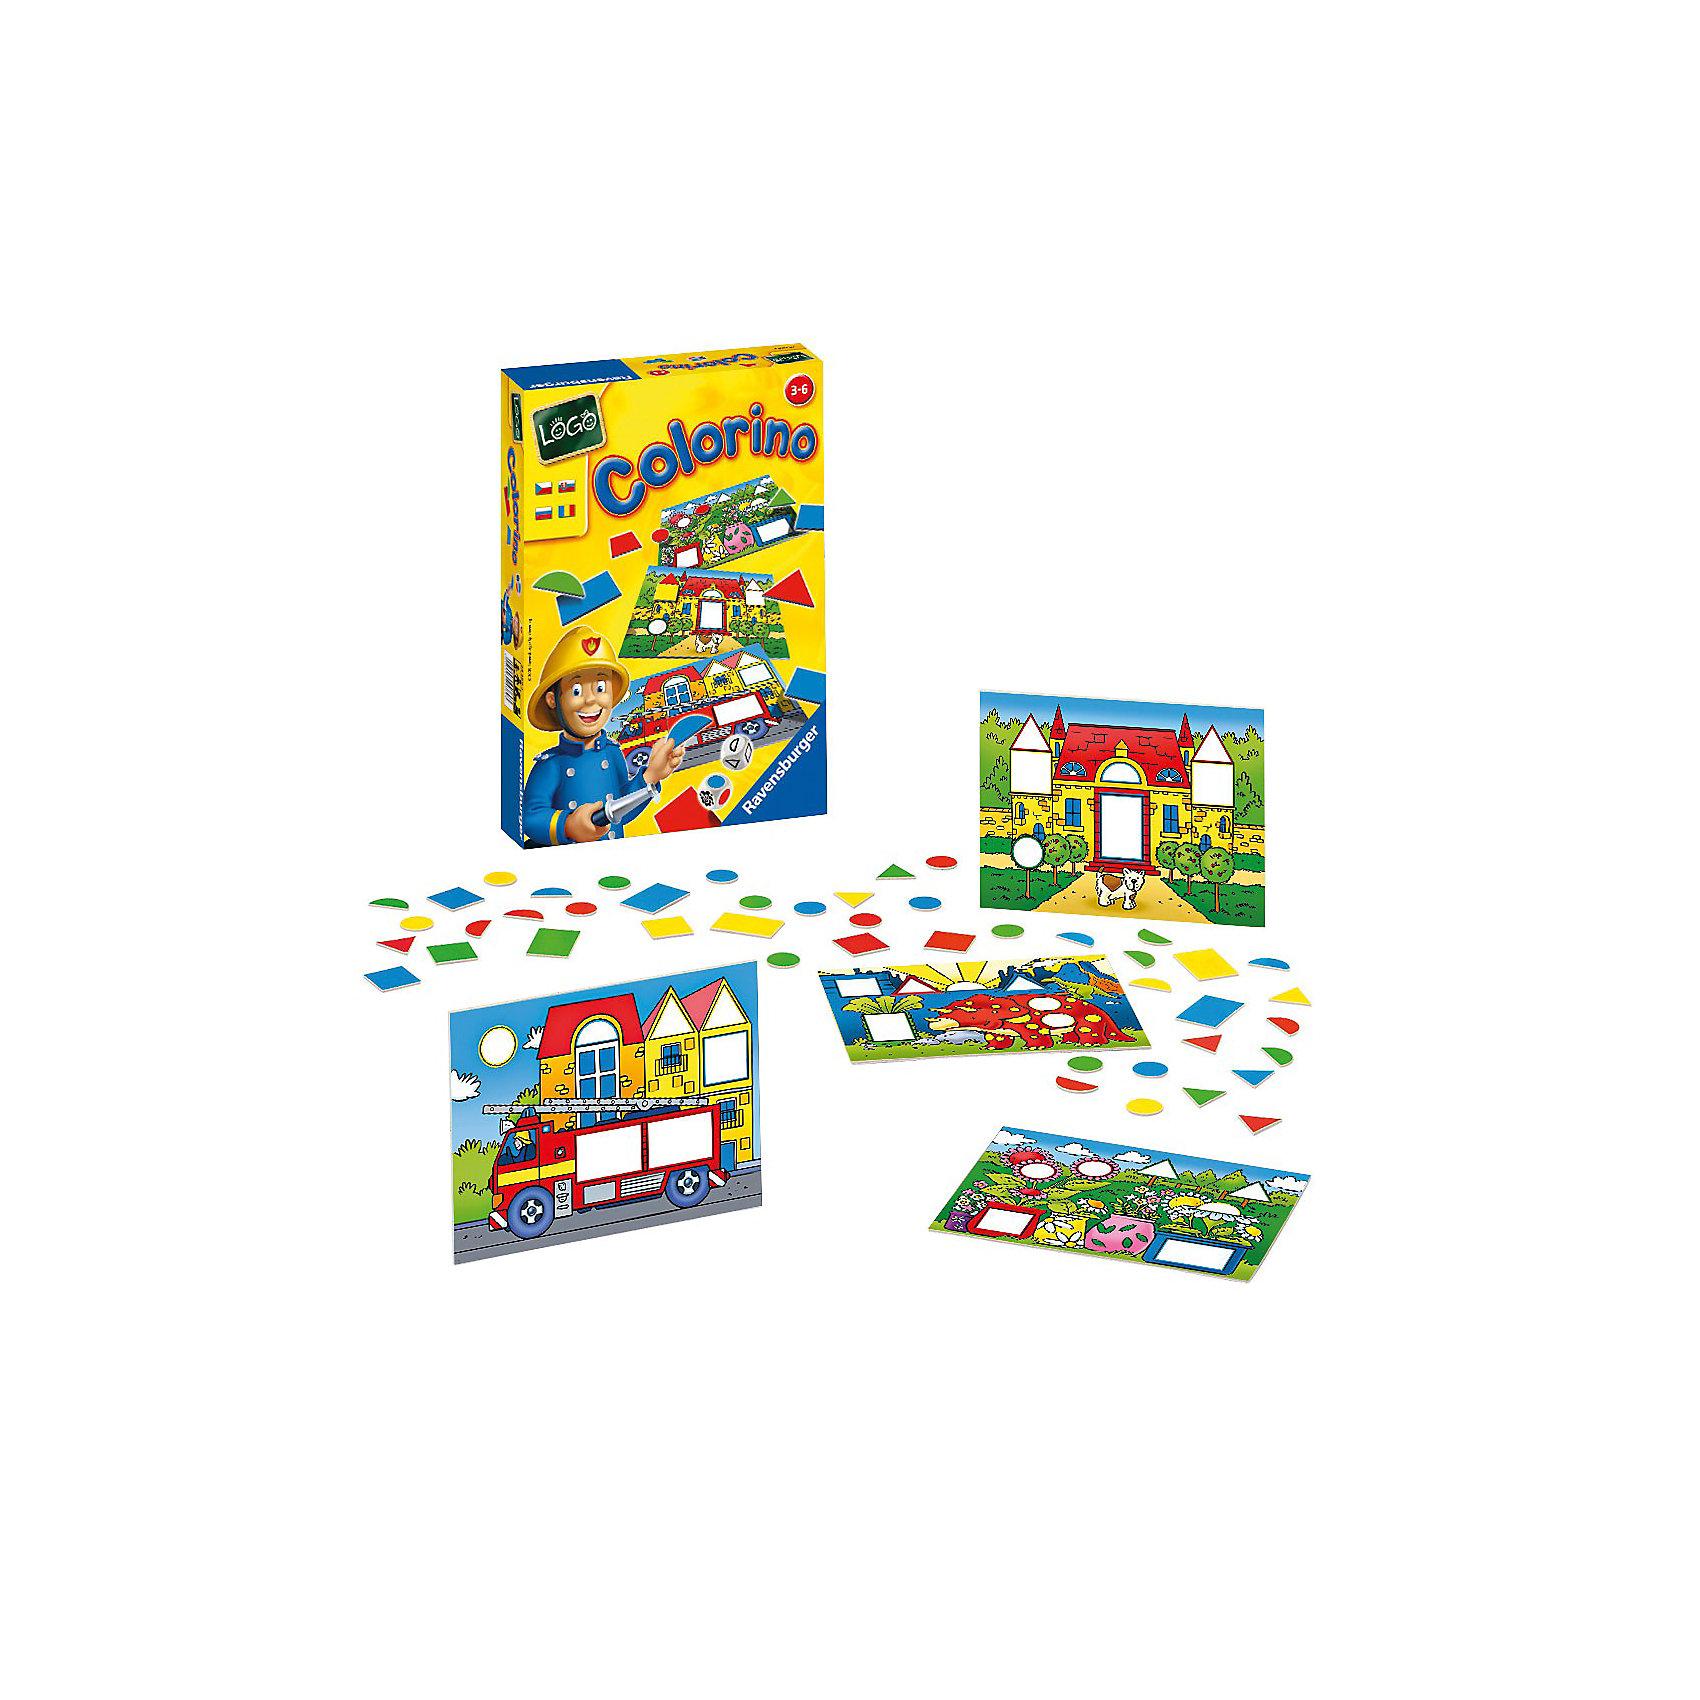 Настольная игра Цвета и формы RavensburgerИзучаем цвета и формы<br>Эта увлекательная развивающая игра от фирмы Ravensburger открывает ребенку дорогу к познанию основных цветов и форм. <br><br>Подбирая фигуры по форме и цвету, ребенок в игровой форме знакомится с их многообразием. Возможны различные варианты игры: и простая подборка по заданным на игровом поле параметрам и поиск подходящего варианта, выпавшего на игровом кубике.<br><br>Детали выполнены из плотного качественного картона, который не мнется при использовании. Такая игра прослужит Вам и Вашему малышу долго.<br><br>Занимательная игра Цвета и формы от Ravensburger развивает логическое мышление, память и мелкую моторику пальцев и рук.<br><br>Дополнительная информация:<br><br>В комплекте:<br>- 4 игровые карточки-картинки;<br>- 64 разноцветные фишки – различные геометрические формы;<br>- игральный кубик с цветными точками;<br>- игральный кубик с геометрическими формами;<br>- инструкция на русском языке. <br><br>Продолжительность игры: 20 мин.<br>Размеры упаковки (д/ш/в): 22,5 х 33 х 3,5 см. <br>Количество игроков: 2-8.<br><br>Ширина мм: 225<br>Глубина мм: 330<br>Высота мм: 35<br>Вес г: 503<br>Возраст от месяцев: 36<br>Возраст до месяцев: 72<br>Пол: Унисекс<br>Возраст: Детский<br>SKU: 2148765